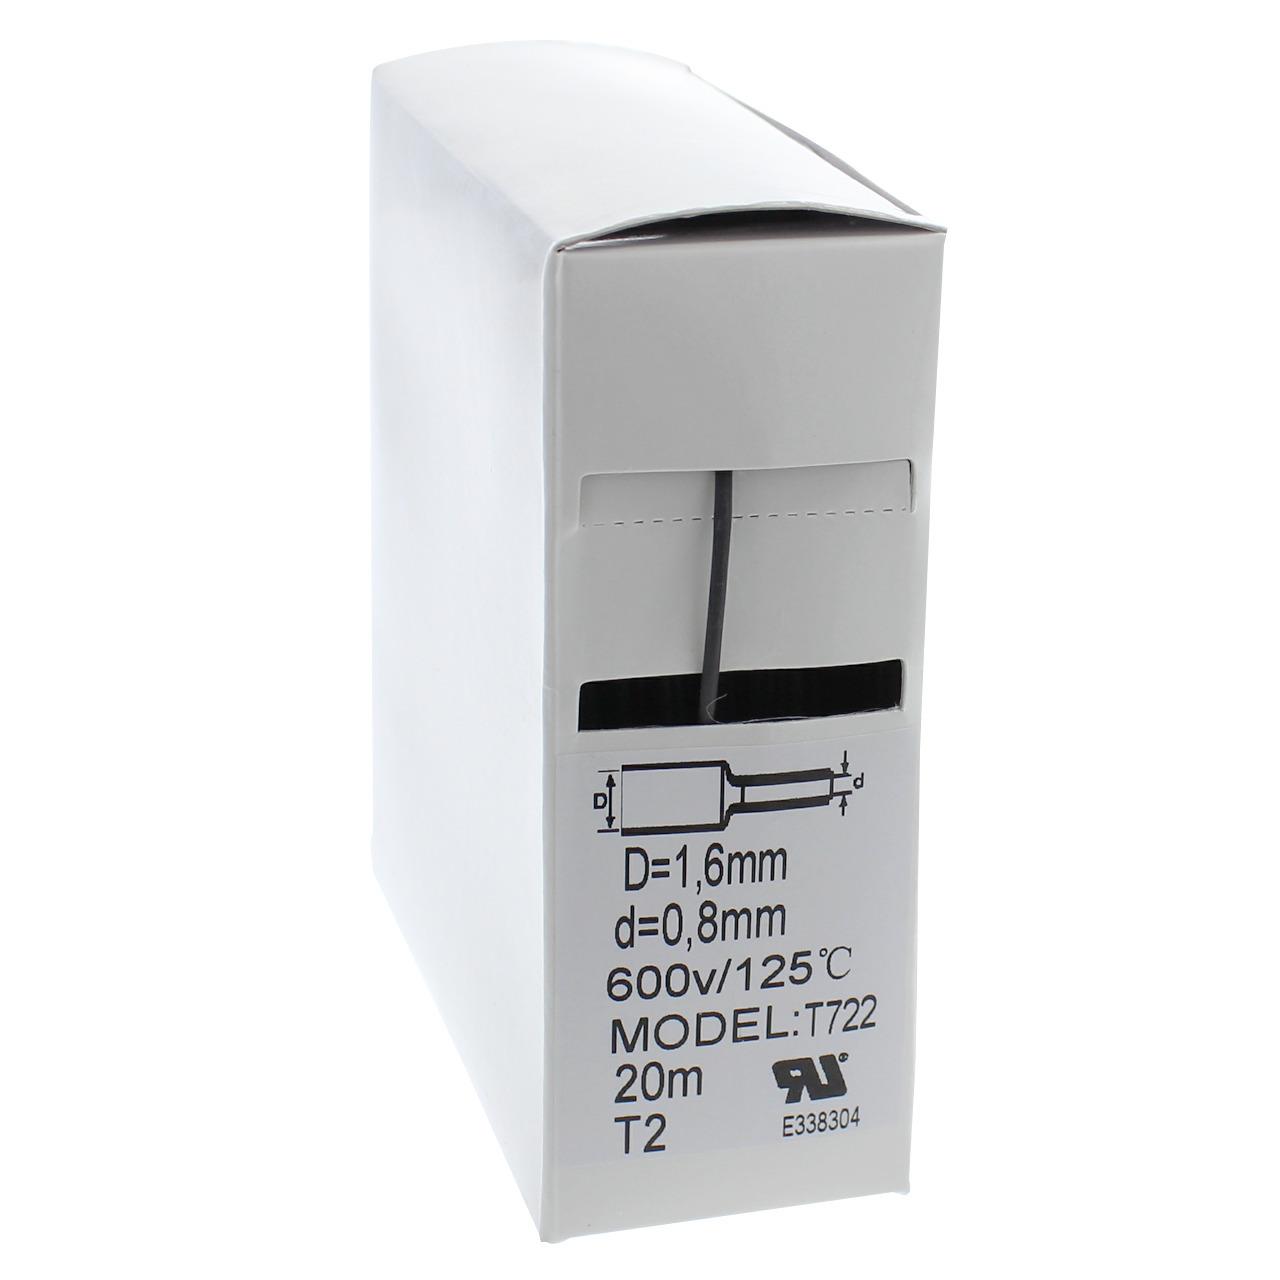 Schrumpfschlauch-Box- schwarz- 20 m- Durchmesser 1-6 mm